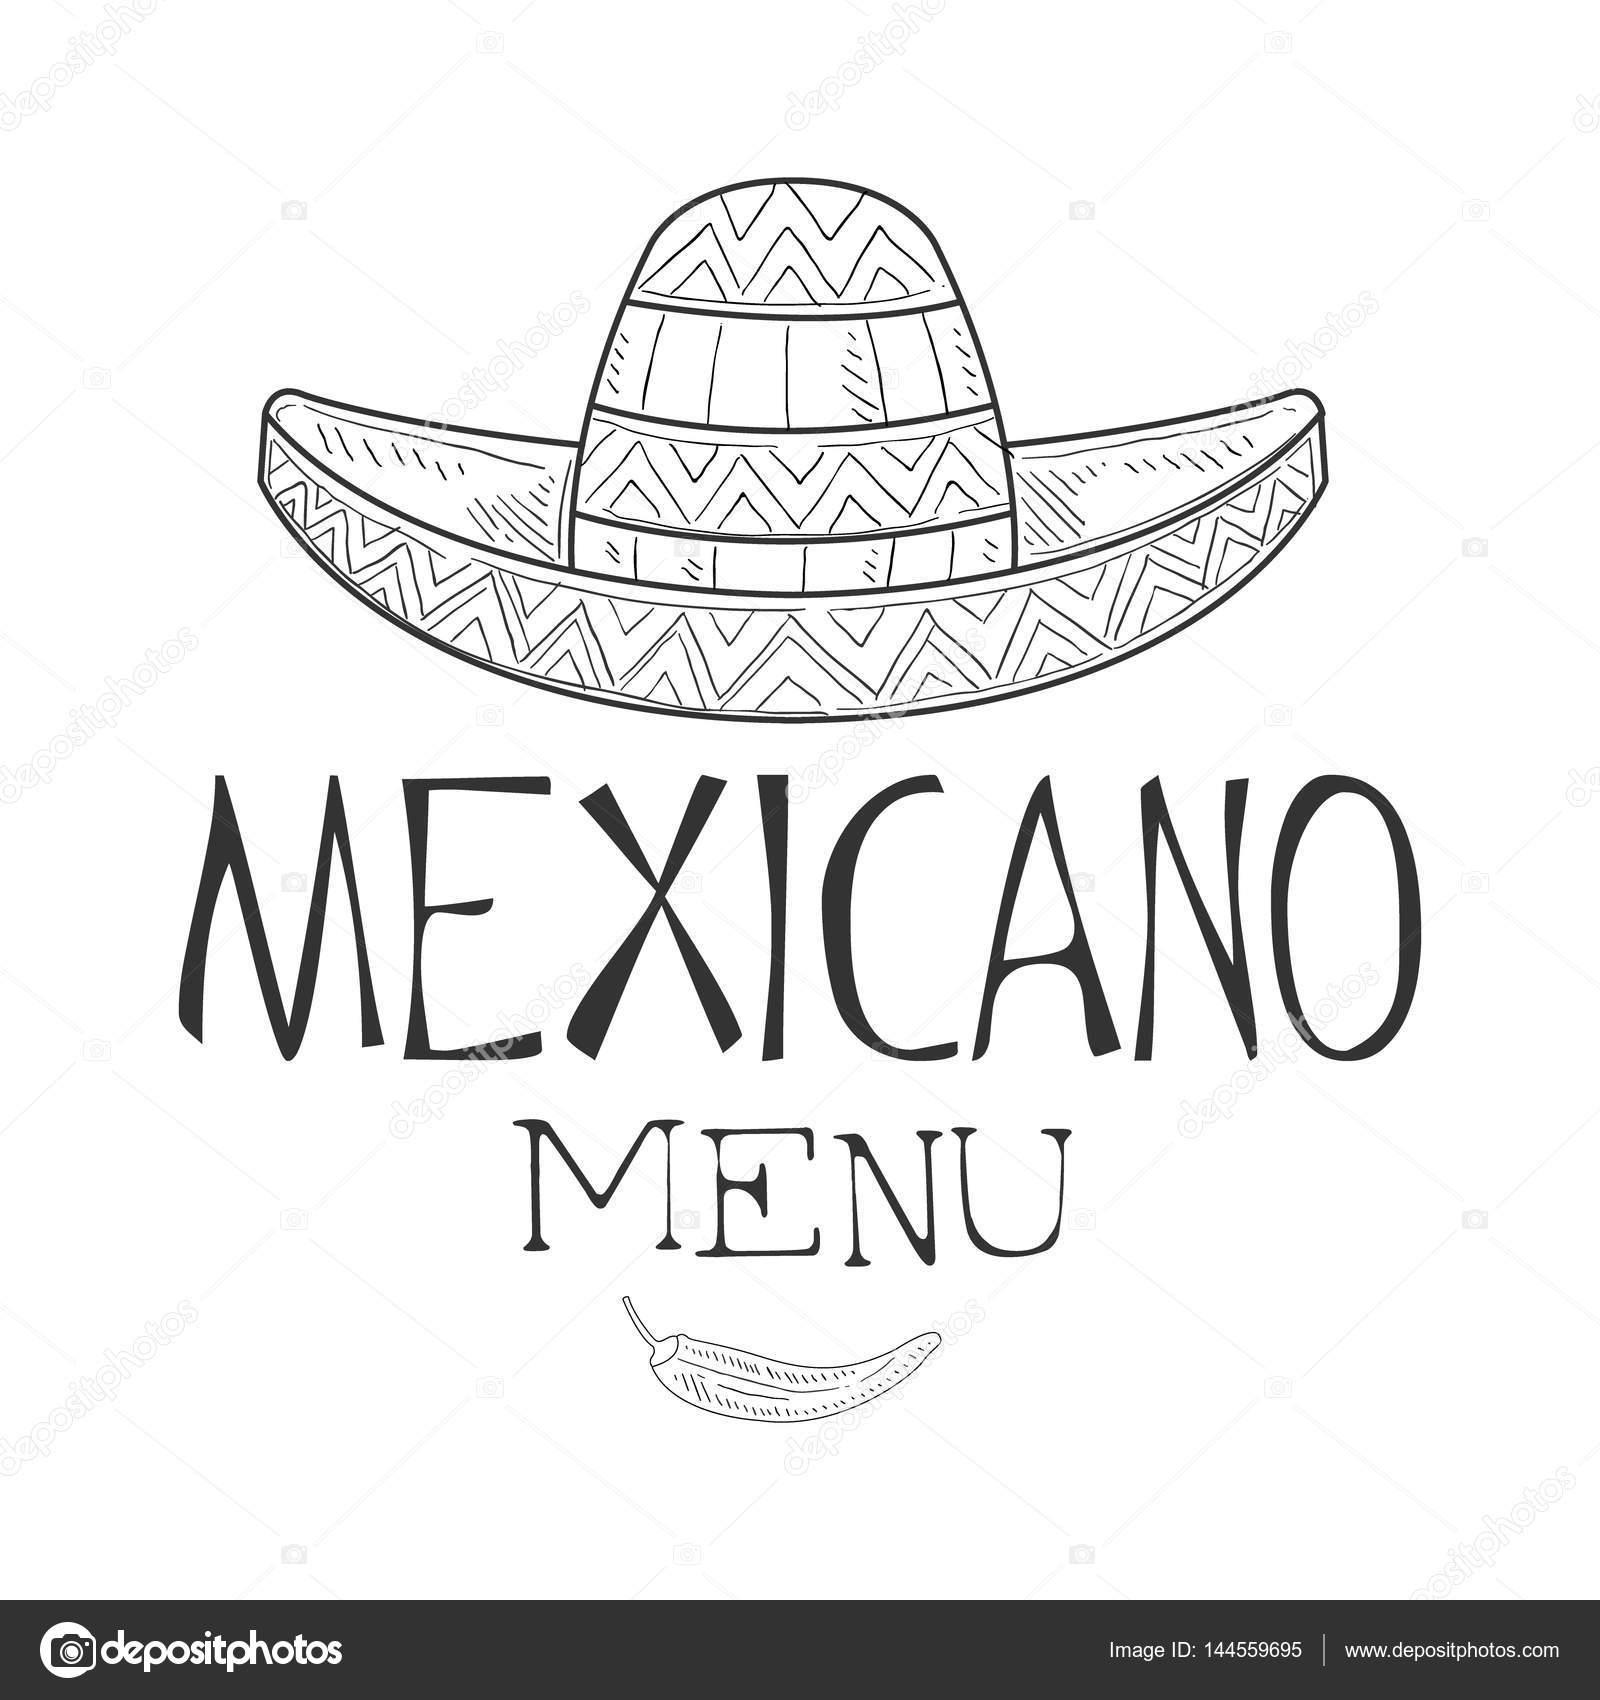 c06901be73b0a Restaurante mexicano comida menú Promo muestra en estilo boceto con Sombrero  sombrero y pimienta de Chile